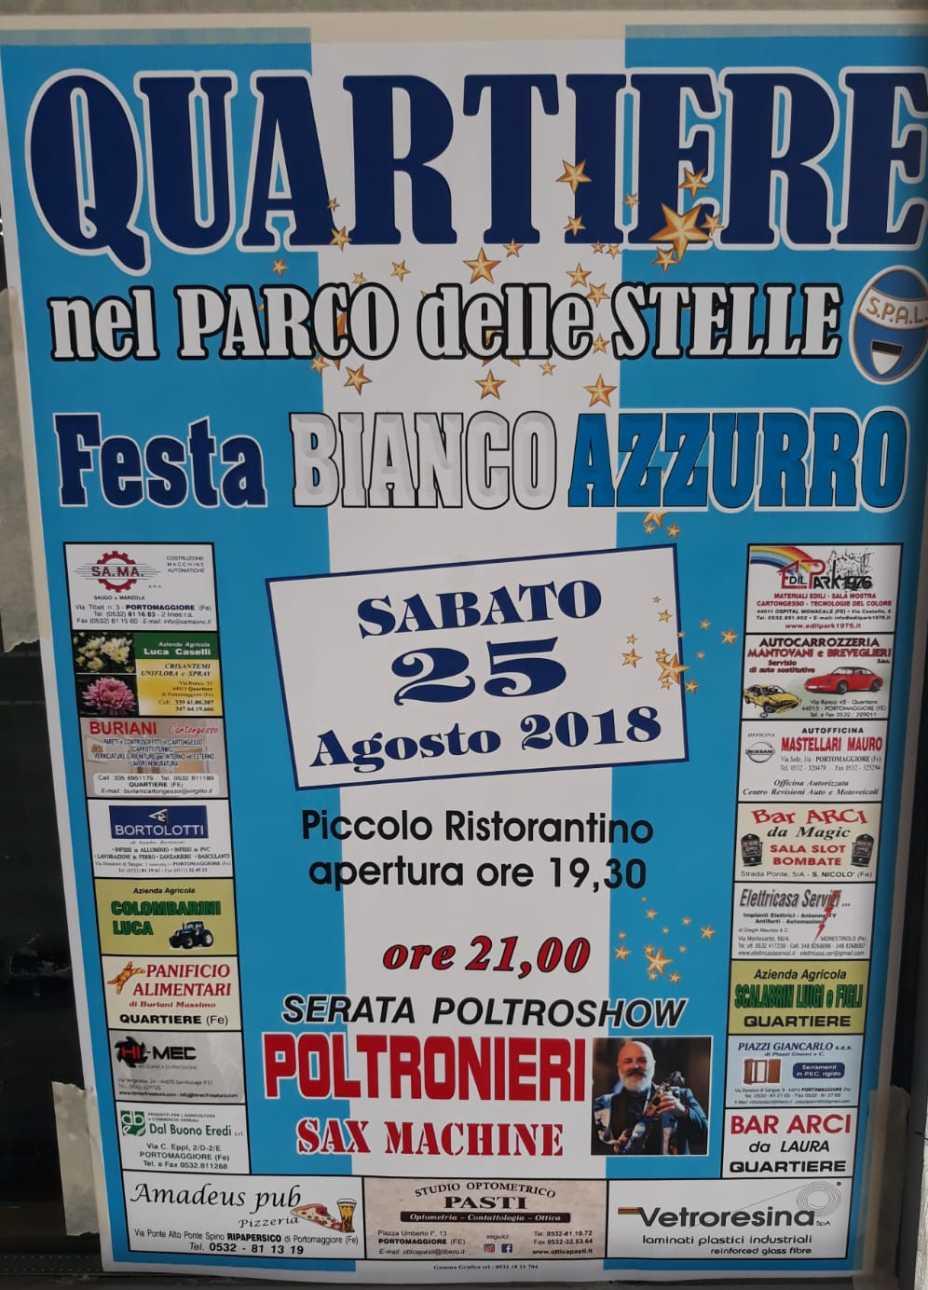 festa-biancoazzurro-quartiere-di-portomaggiore-andrea-poltronieri-25-agosto